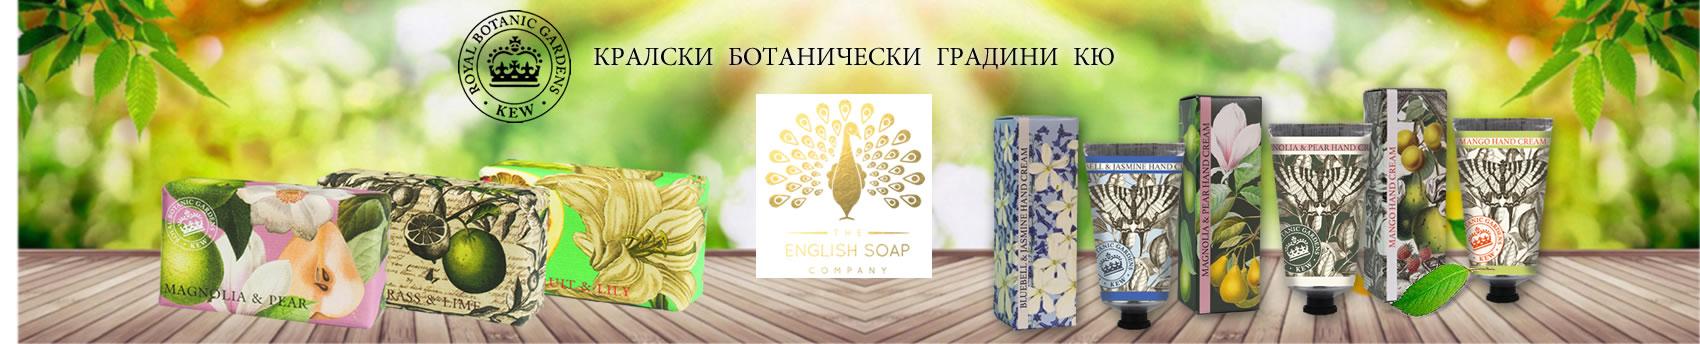 English Soap Company KEW